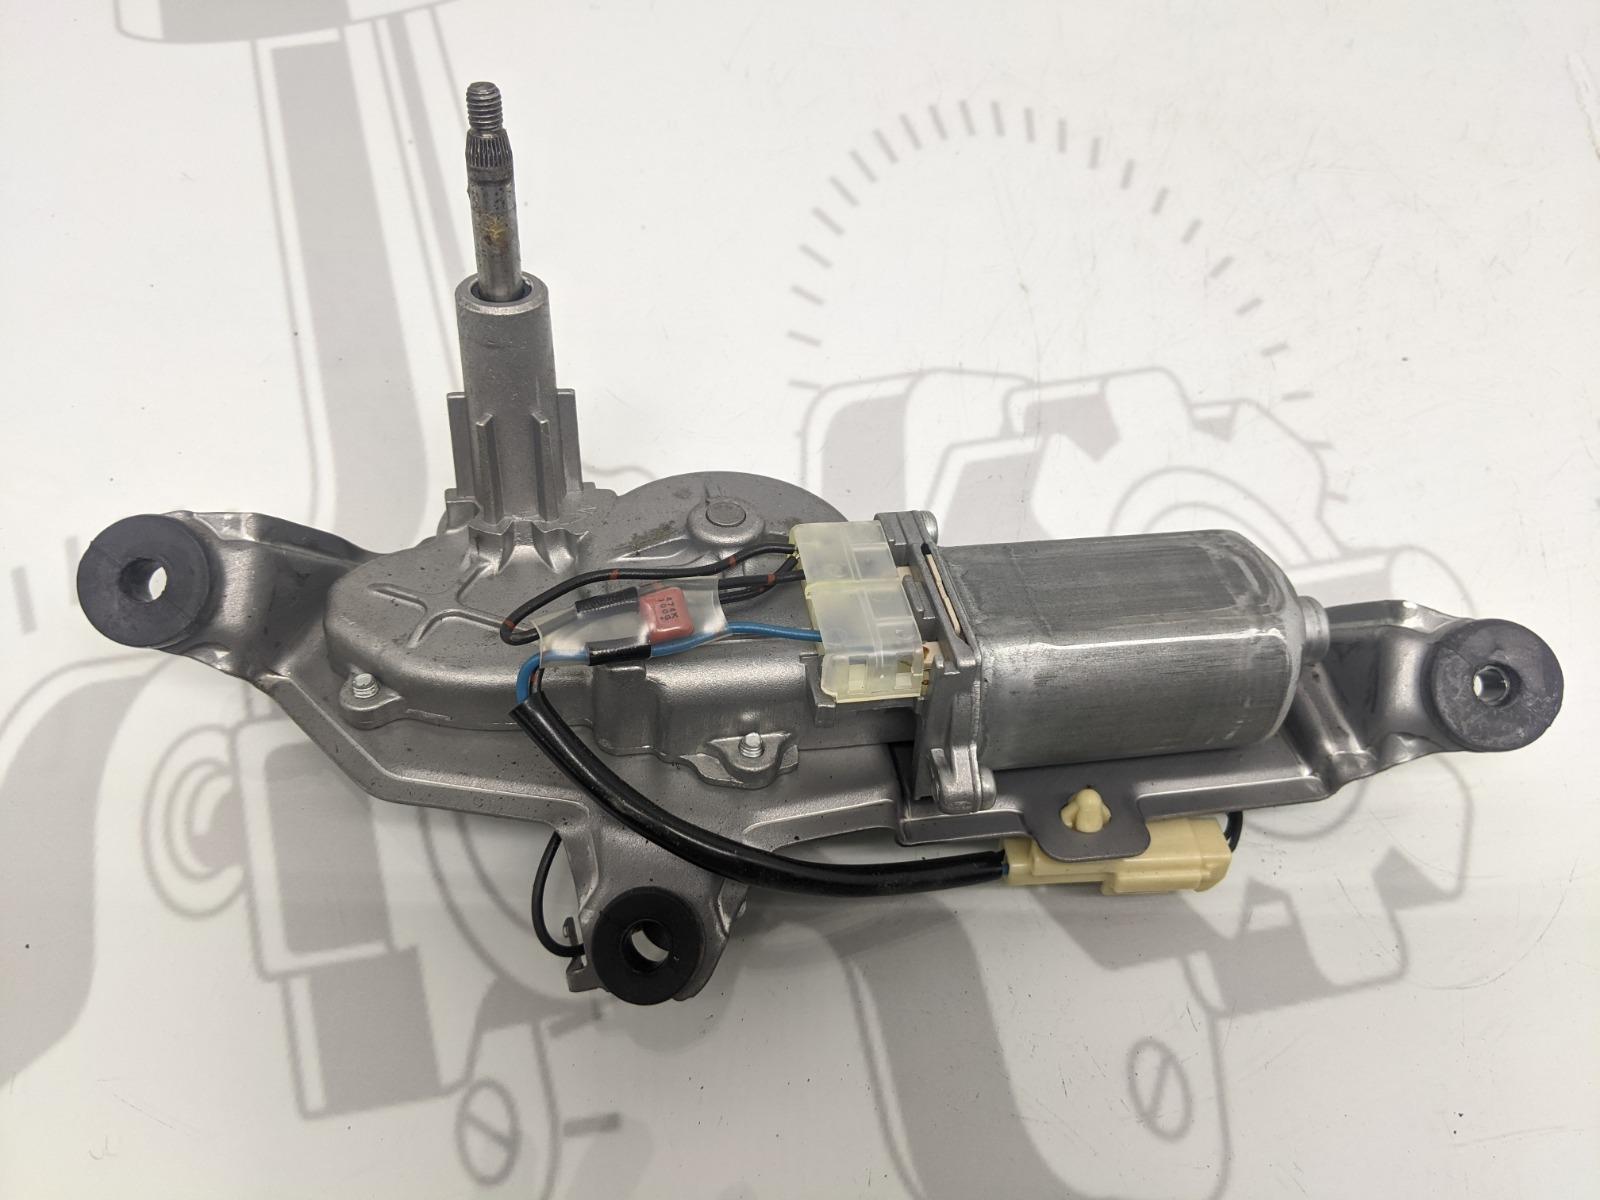 Моторчик заднего стеклоочистителя (дворника) Mazda 6 2.0 I 2007 (б/у)